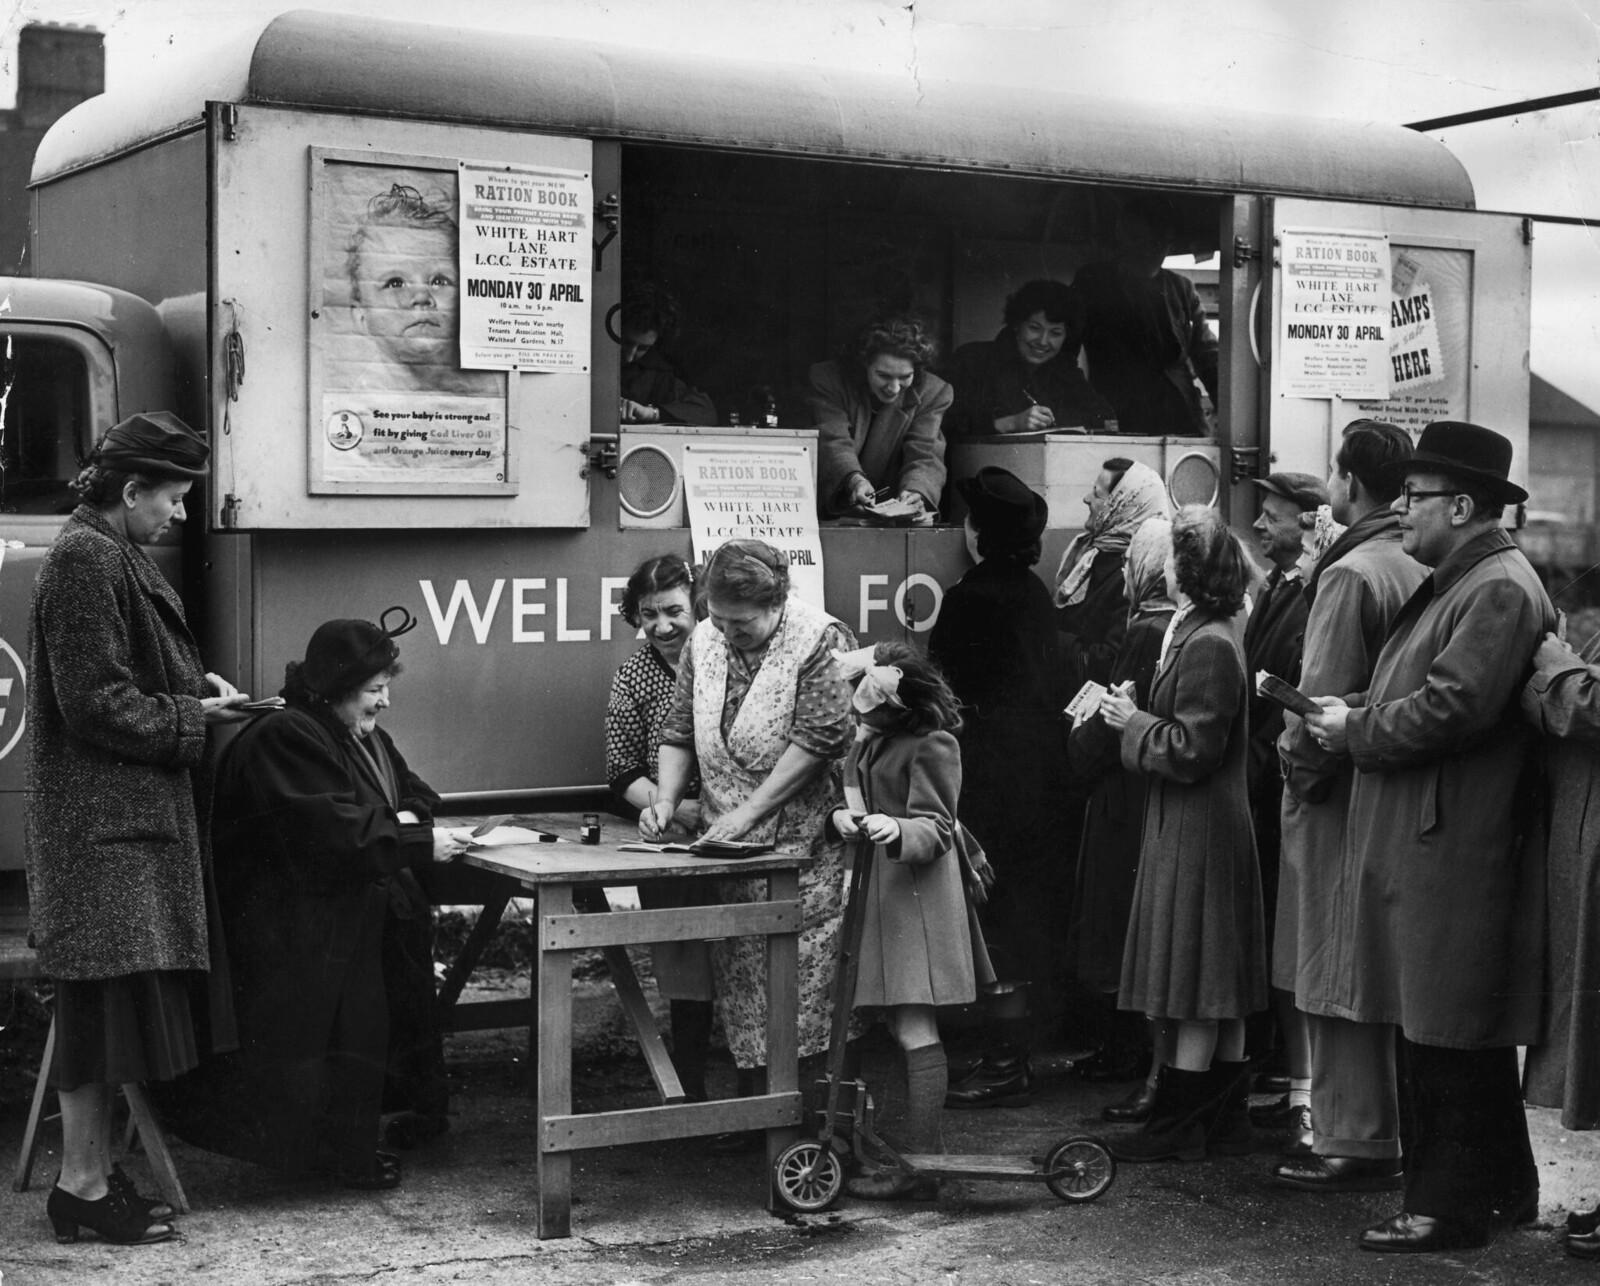 07. Мисс Магуайр из продовольственного отдела Тоттенхэма (за столом) раздает карточки на продовольственные товары местным домохозяйкам из нового мобильного офиса, припаркованного на Уайт-Харт-лейн в Лондоне